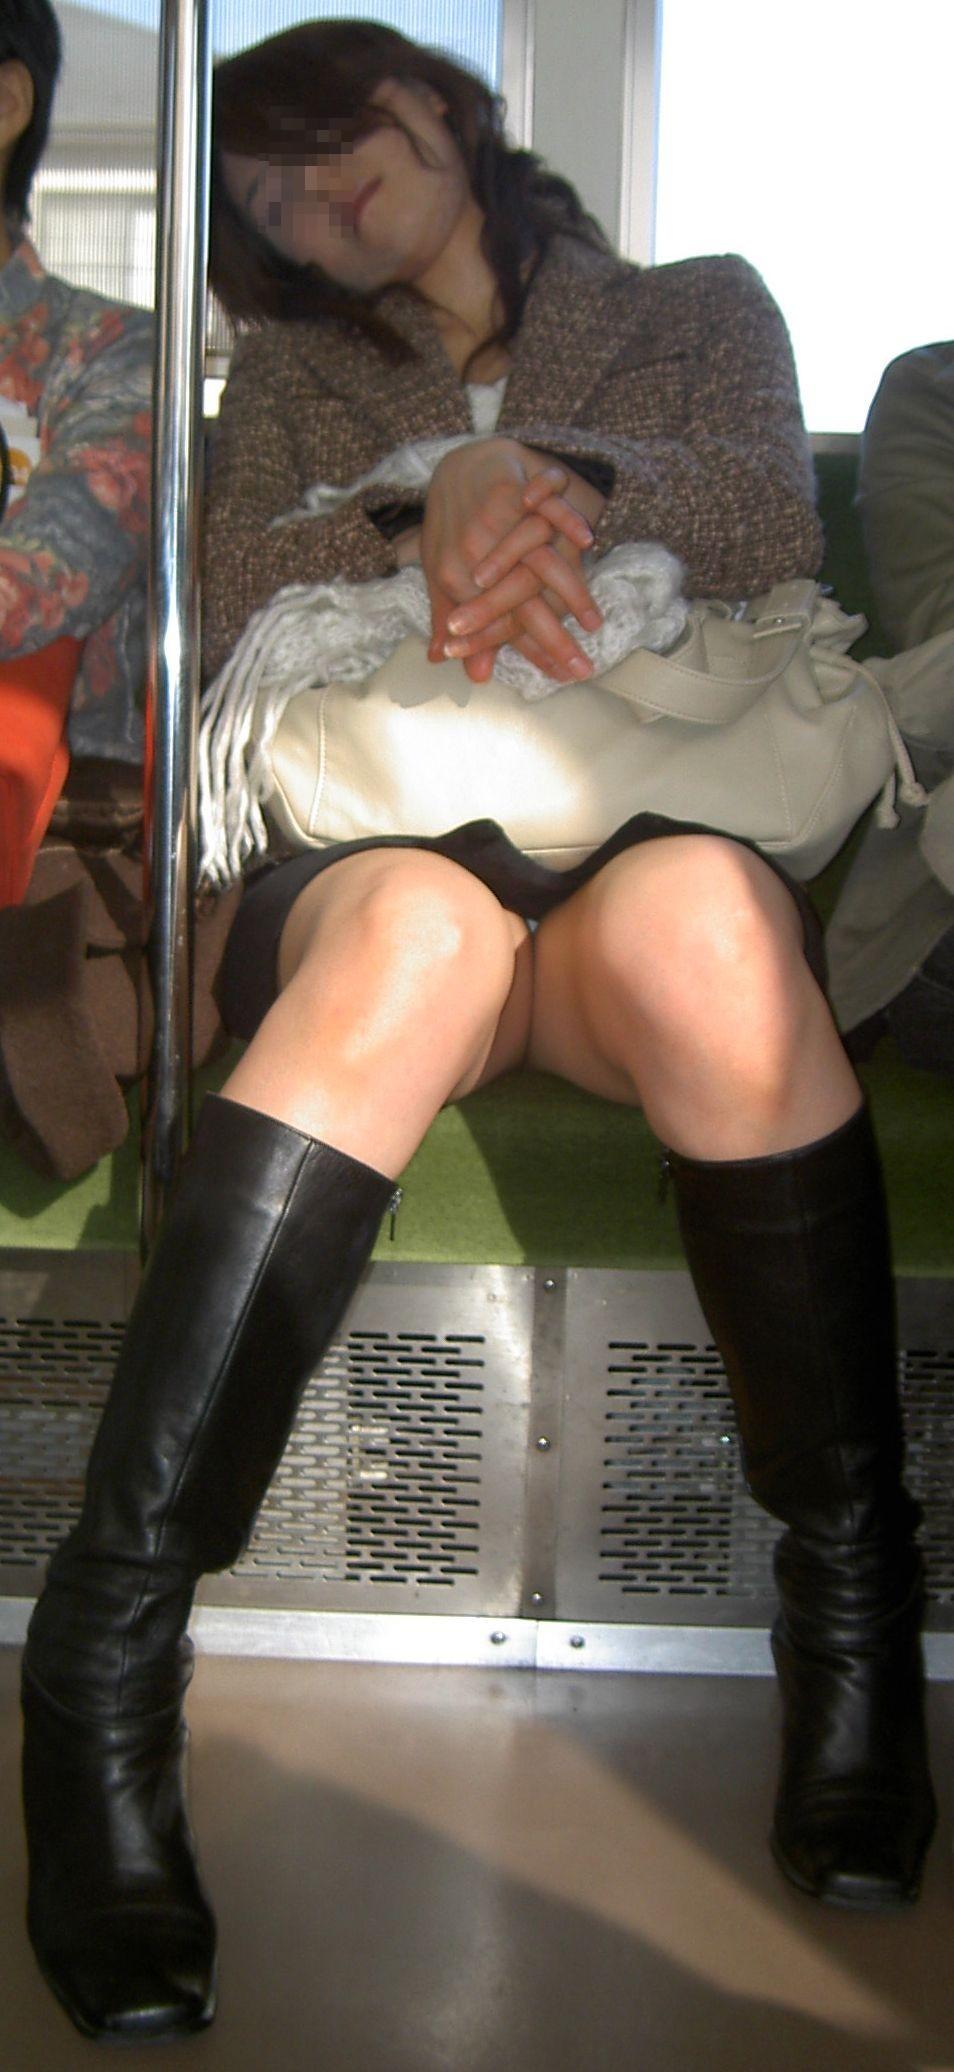 電車内 パンチラ 画像 45